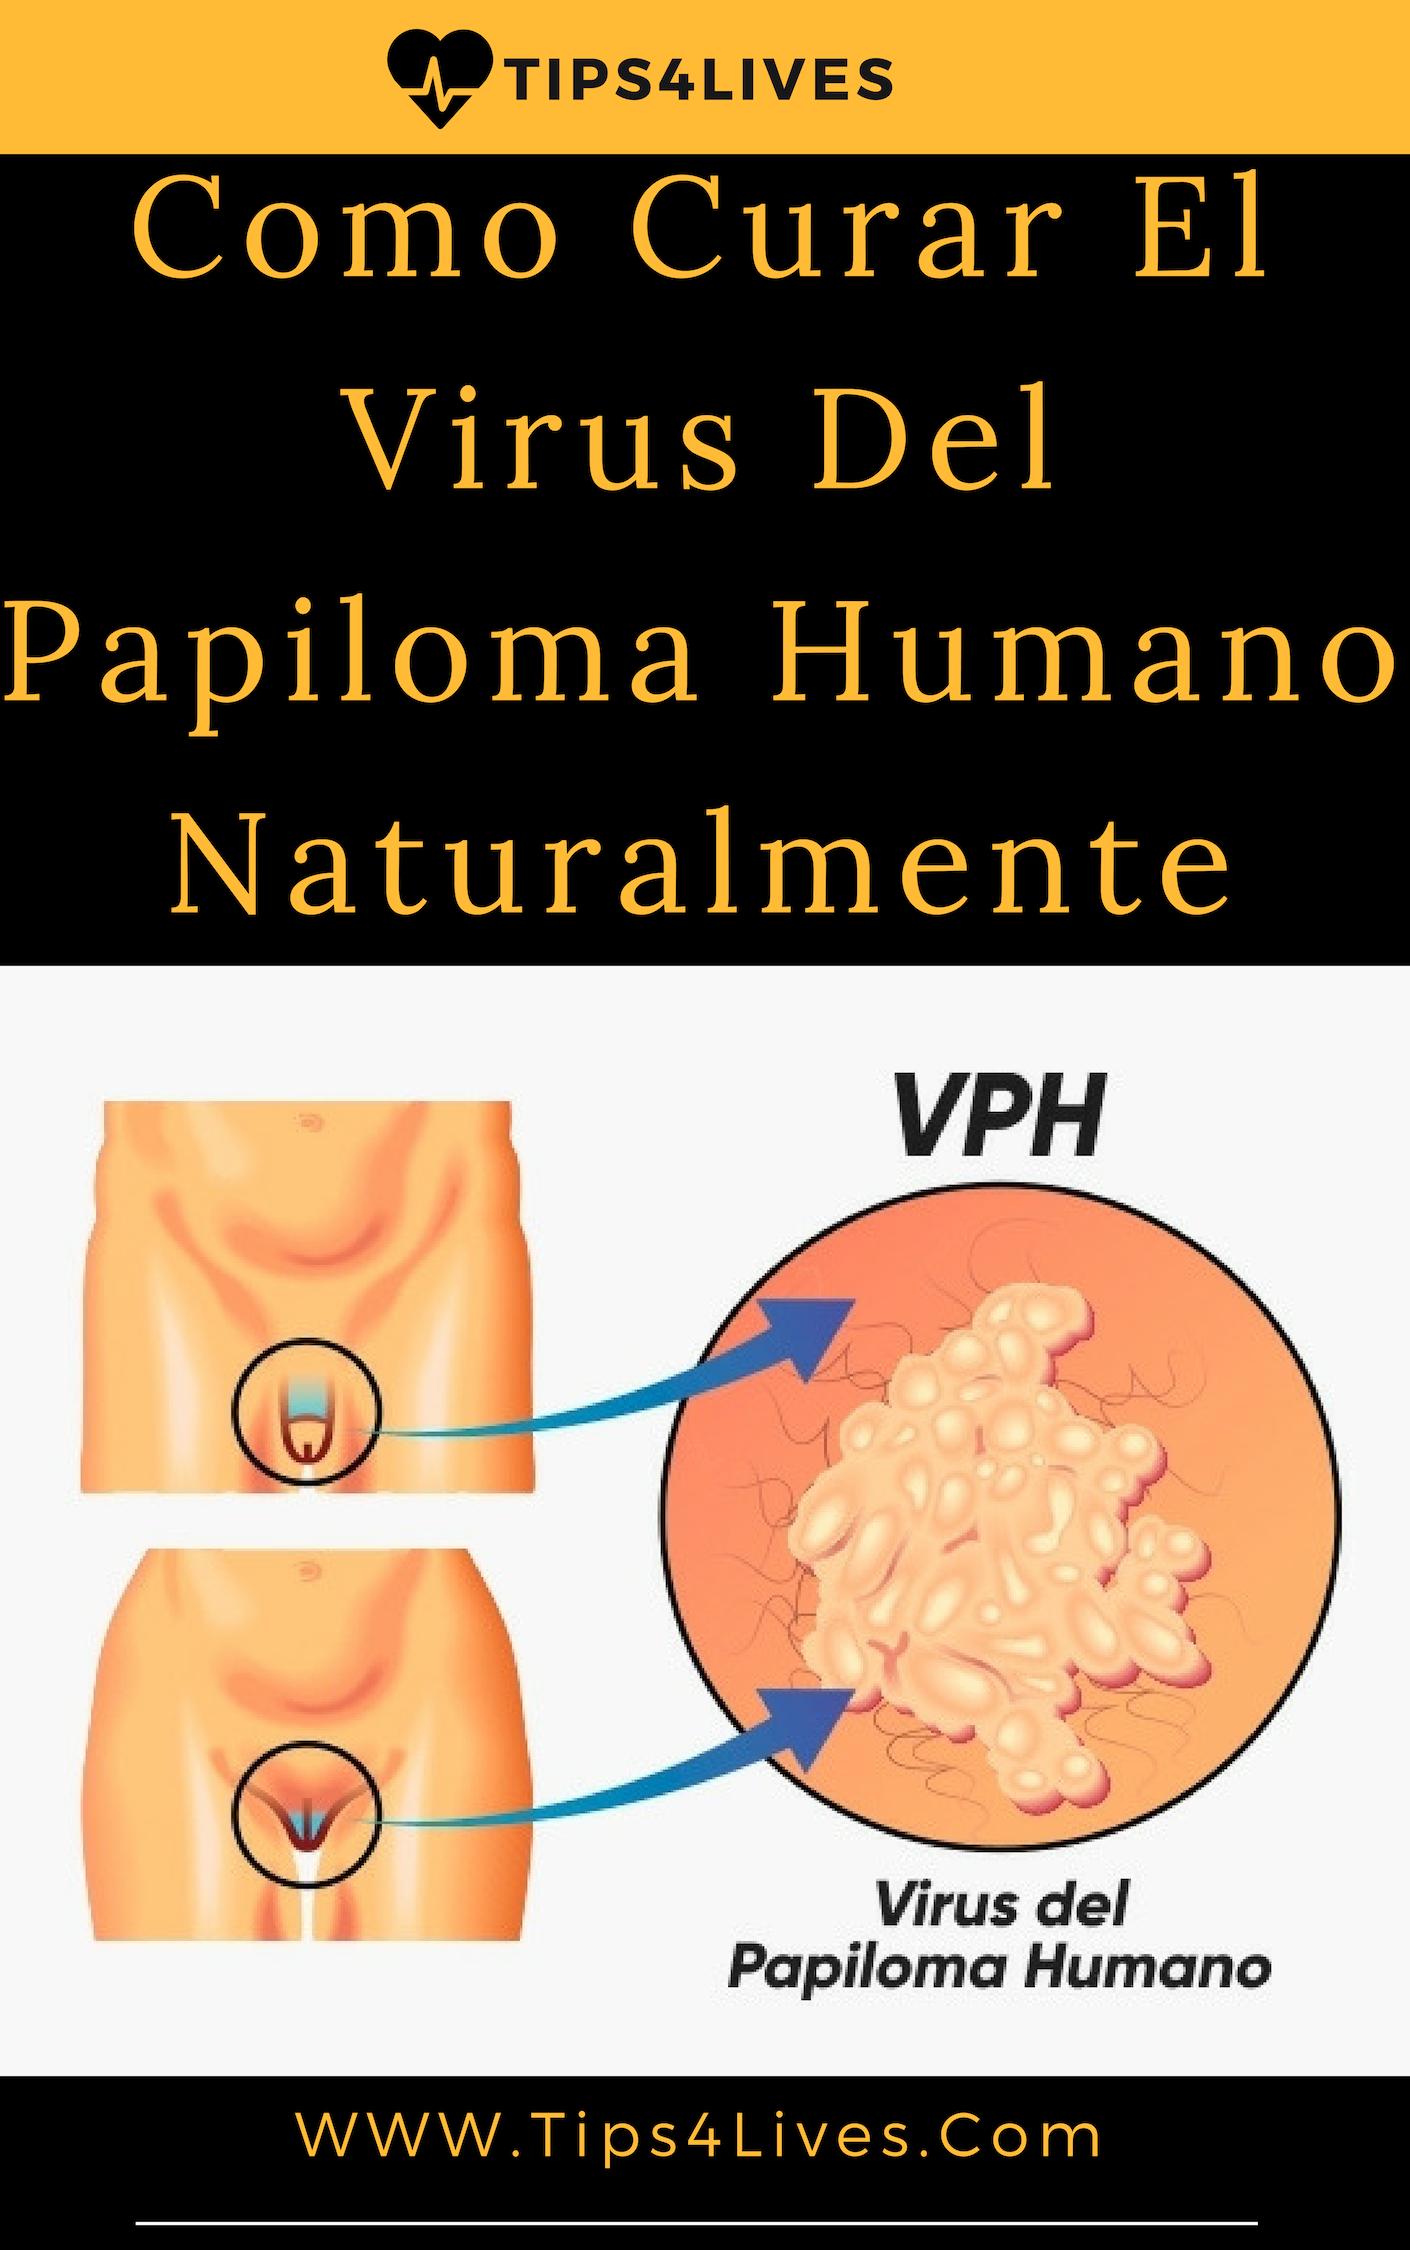 Virus del papiloma humano en mujeres y hombres, Most viewed - Virus papiloma en hombres y mujeres